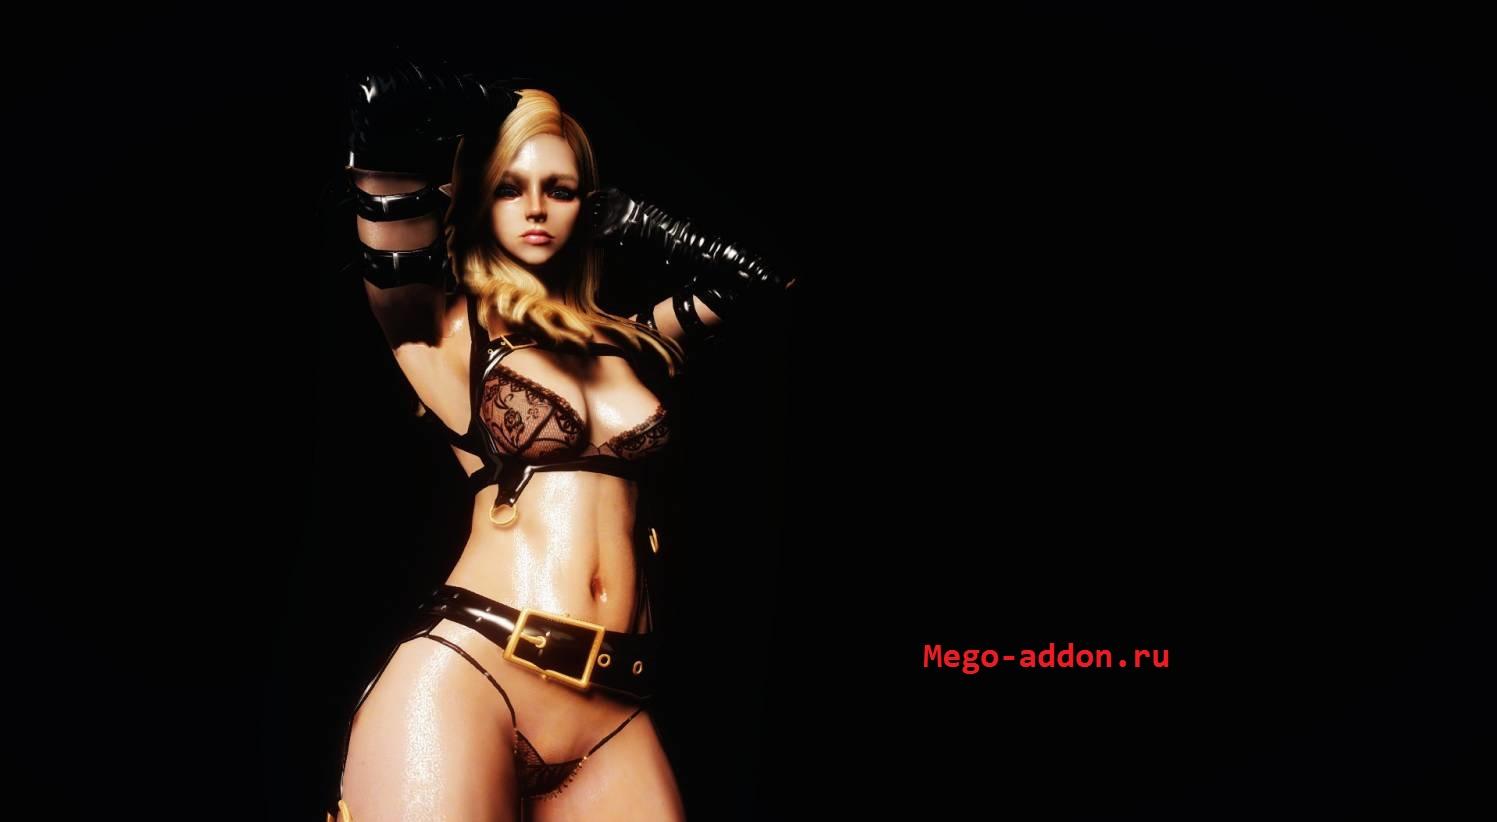 Игры голые женские груди прощения